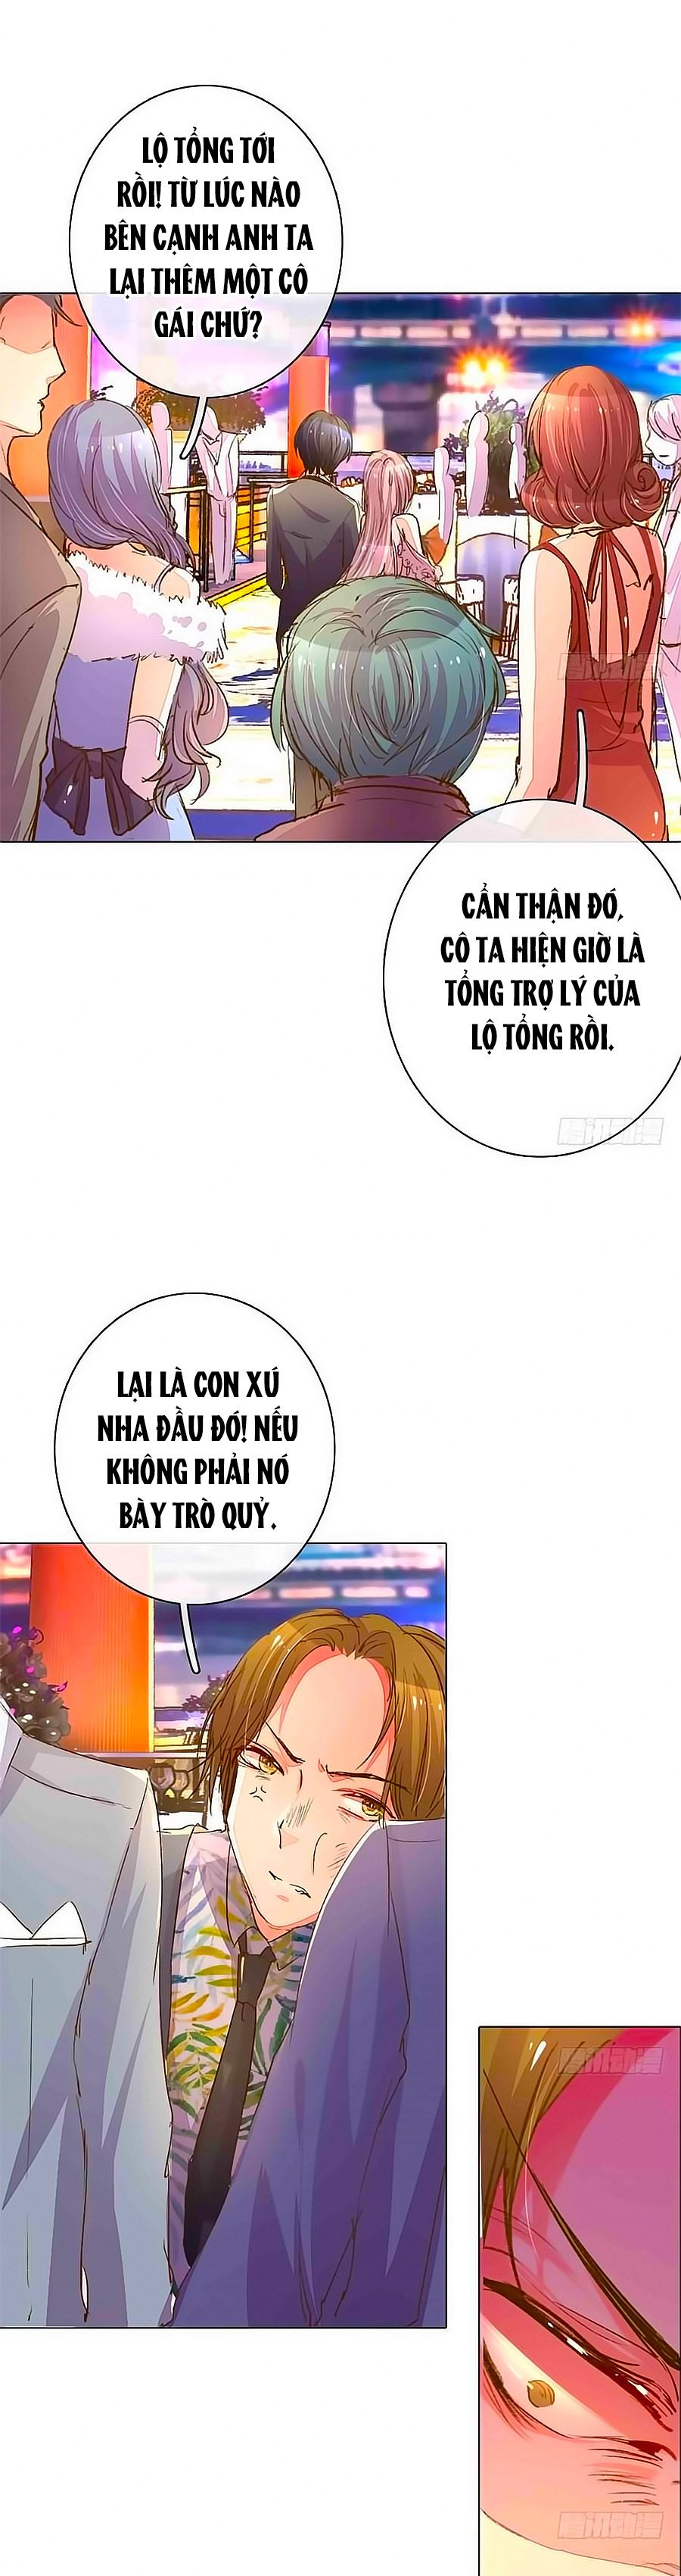 Hào Môn Tiểu Lãn Thê - Chap 92